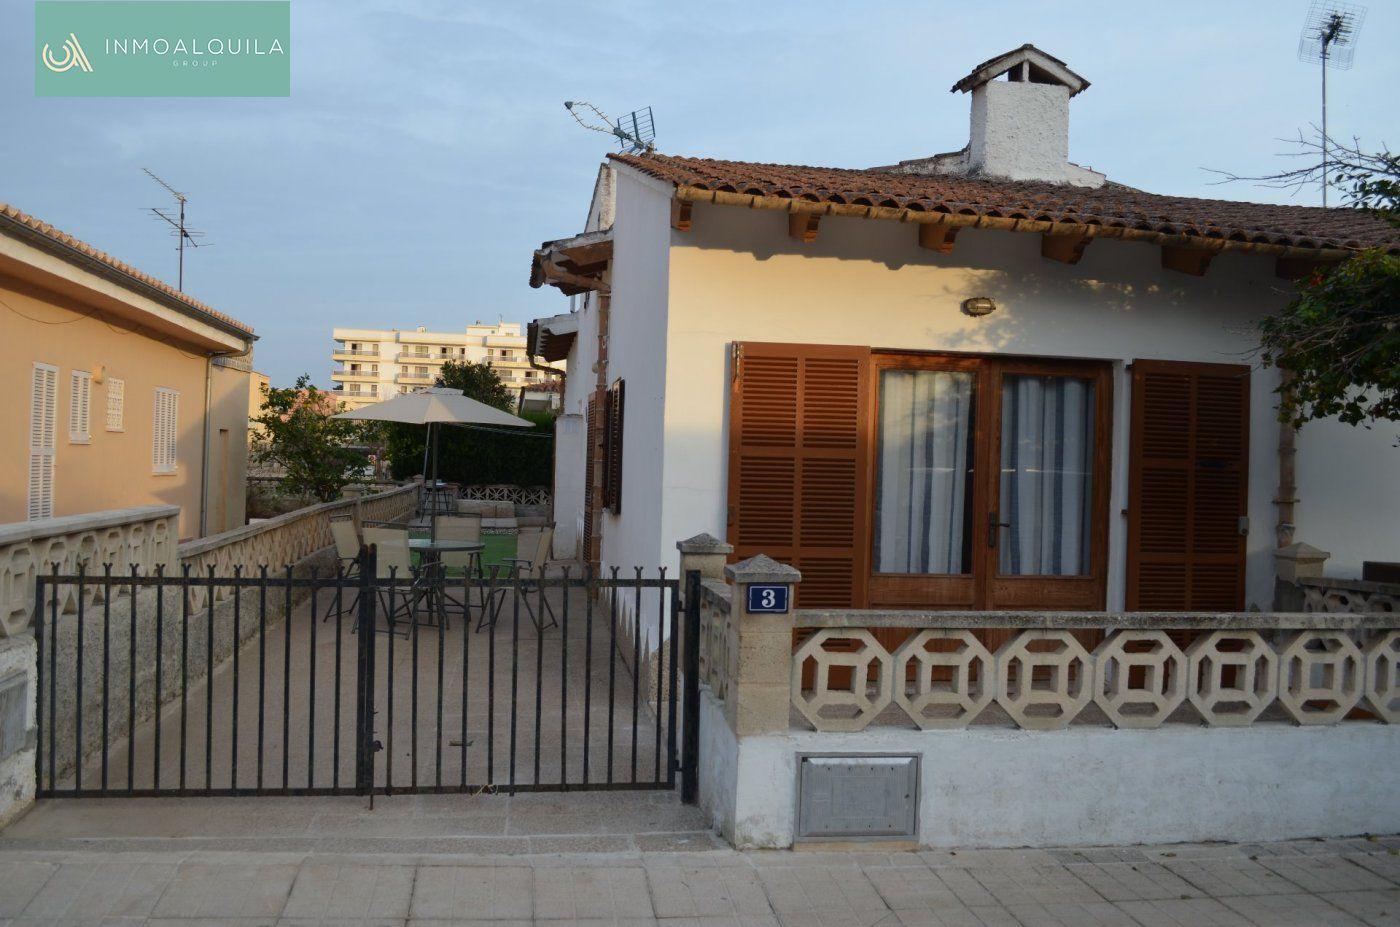 Alquiler Casa  Alcúdia ,puerto de alcúdia. Adosado en puerto de alcudia. 3hab, 2baños, jardin, terraza. 900